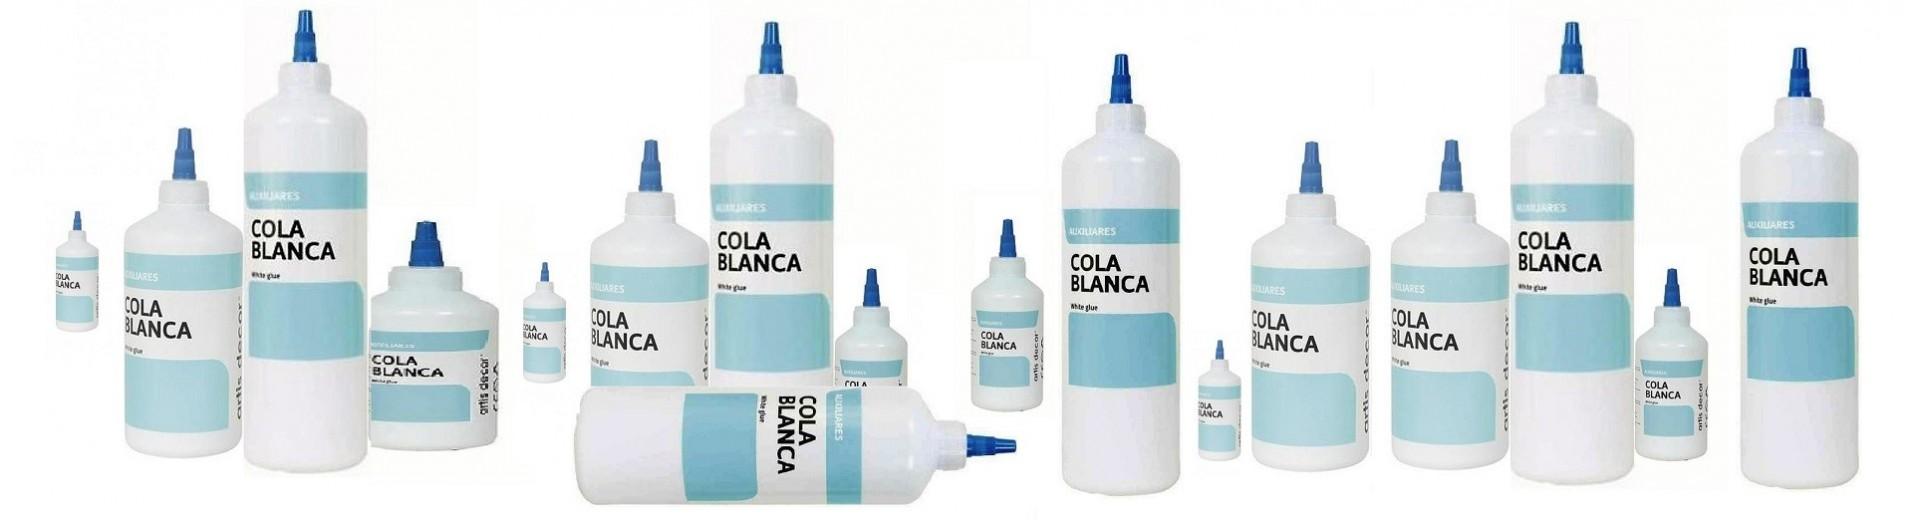 Cola blanca y adhesivos